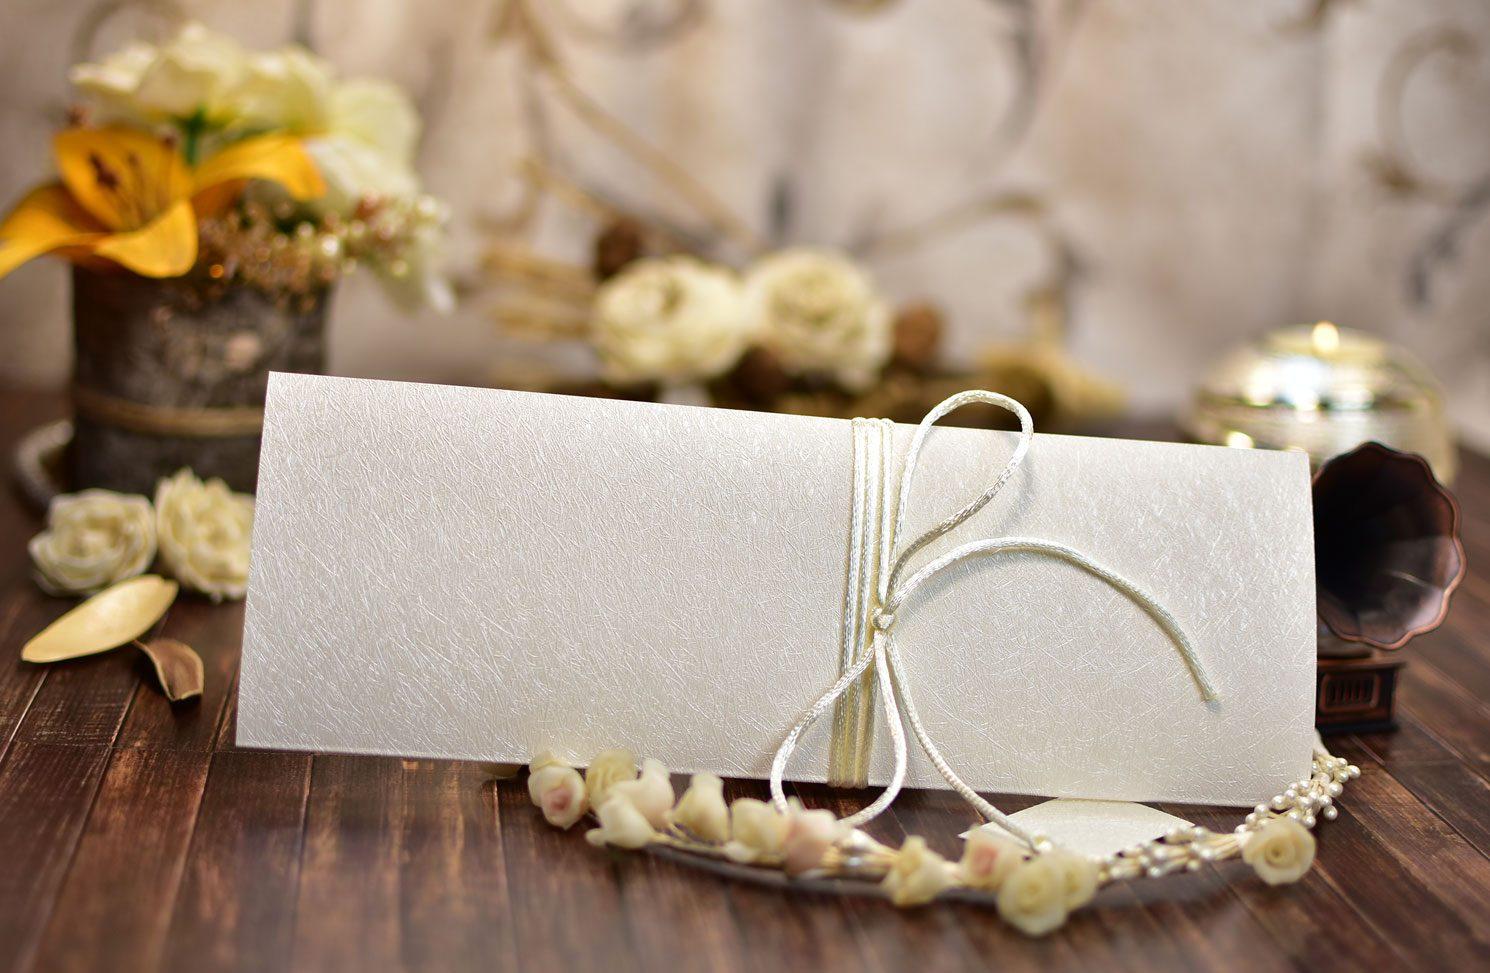 Προσκλητήριο Γάμου Ανάγλυφο Σαμπανιζέ